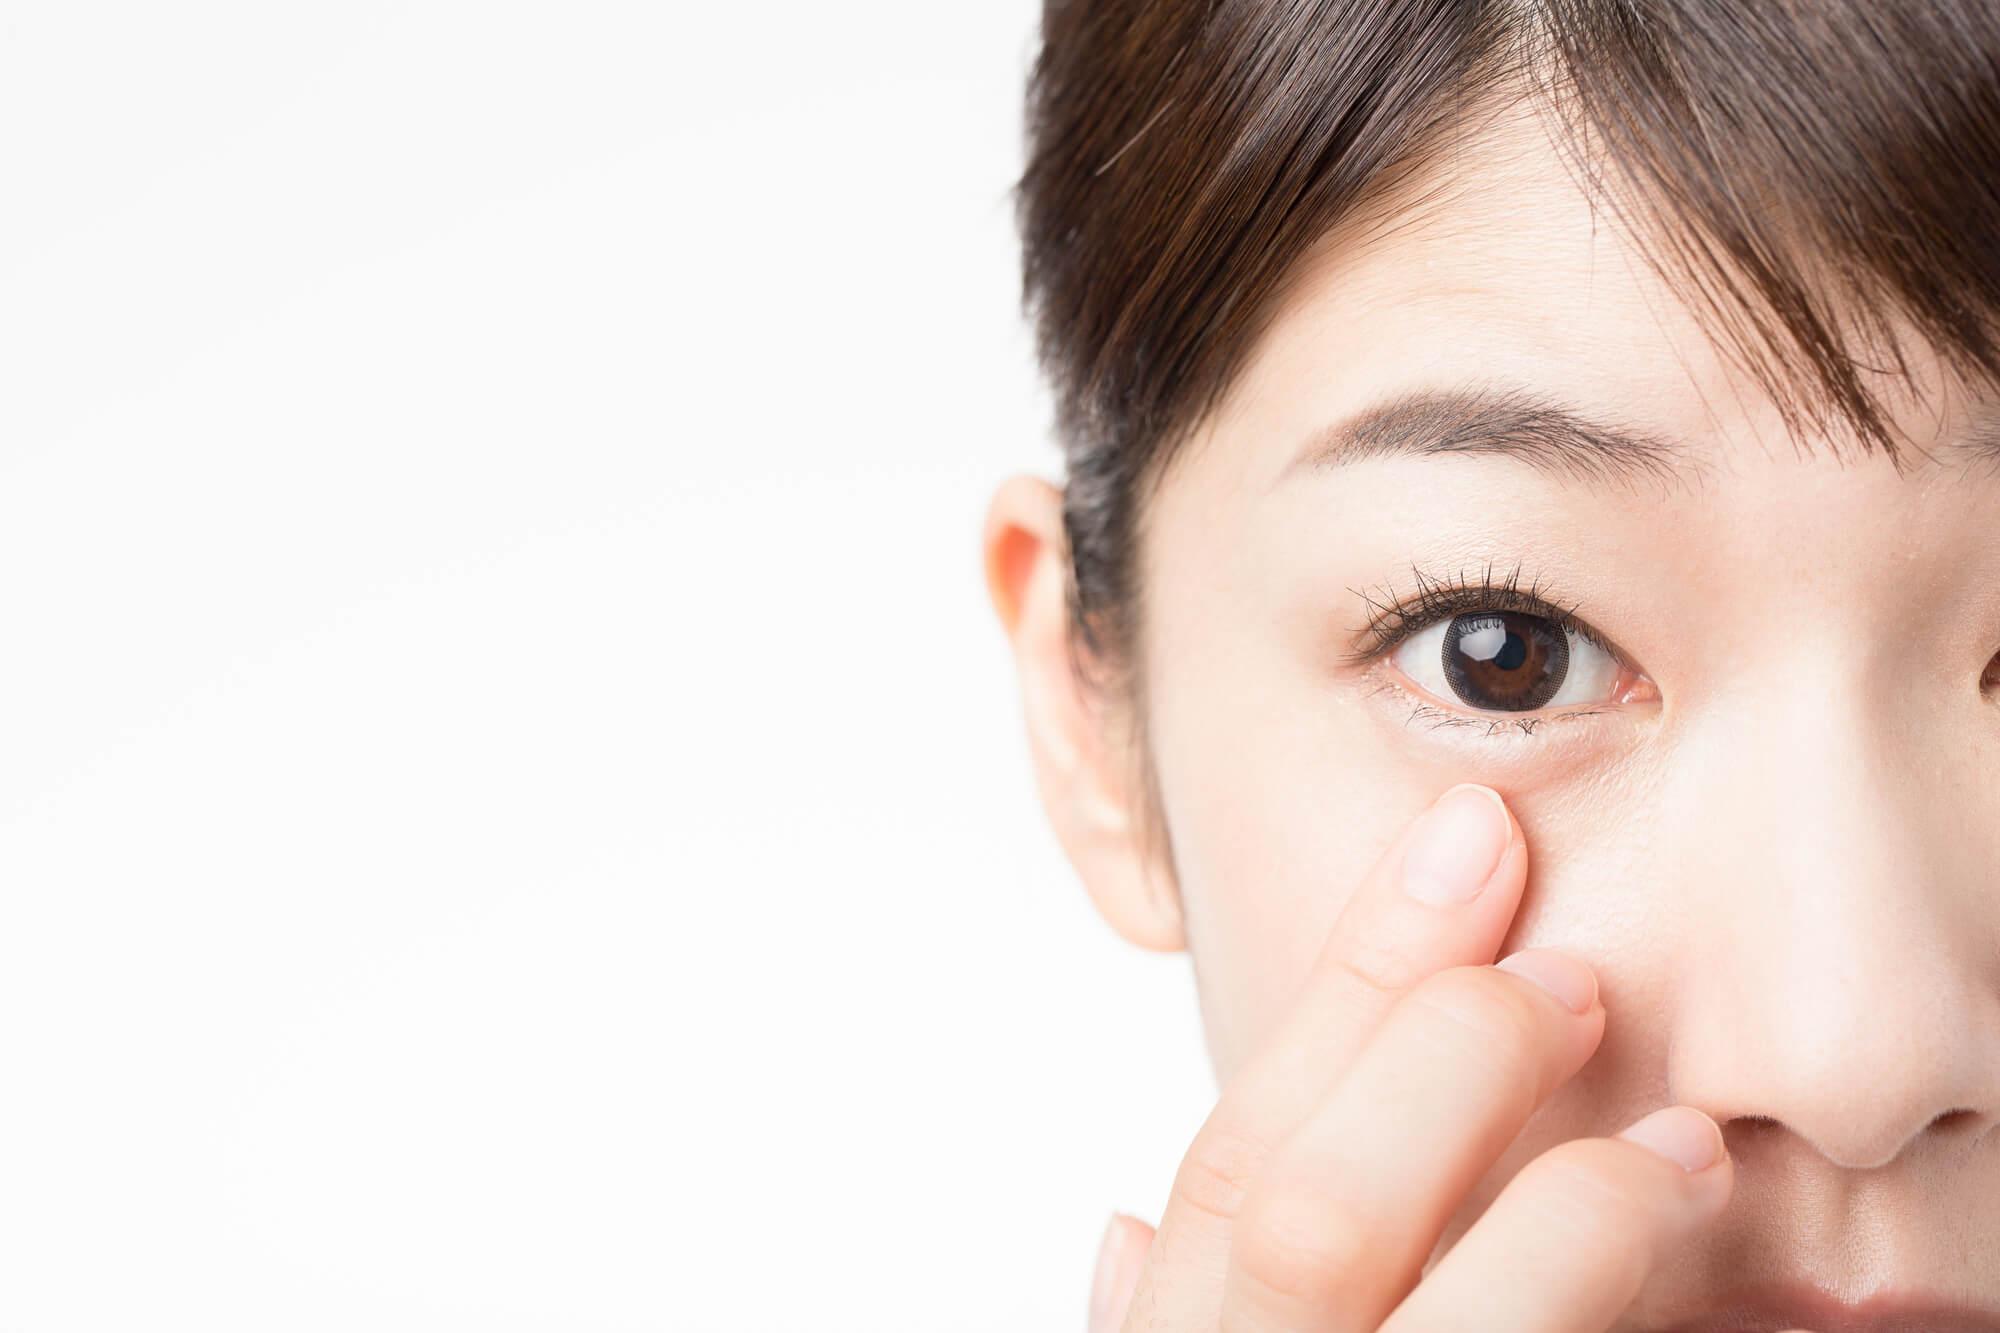 眼科受診の目安